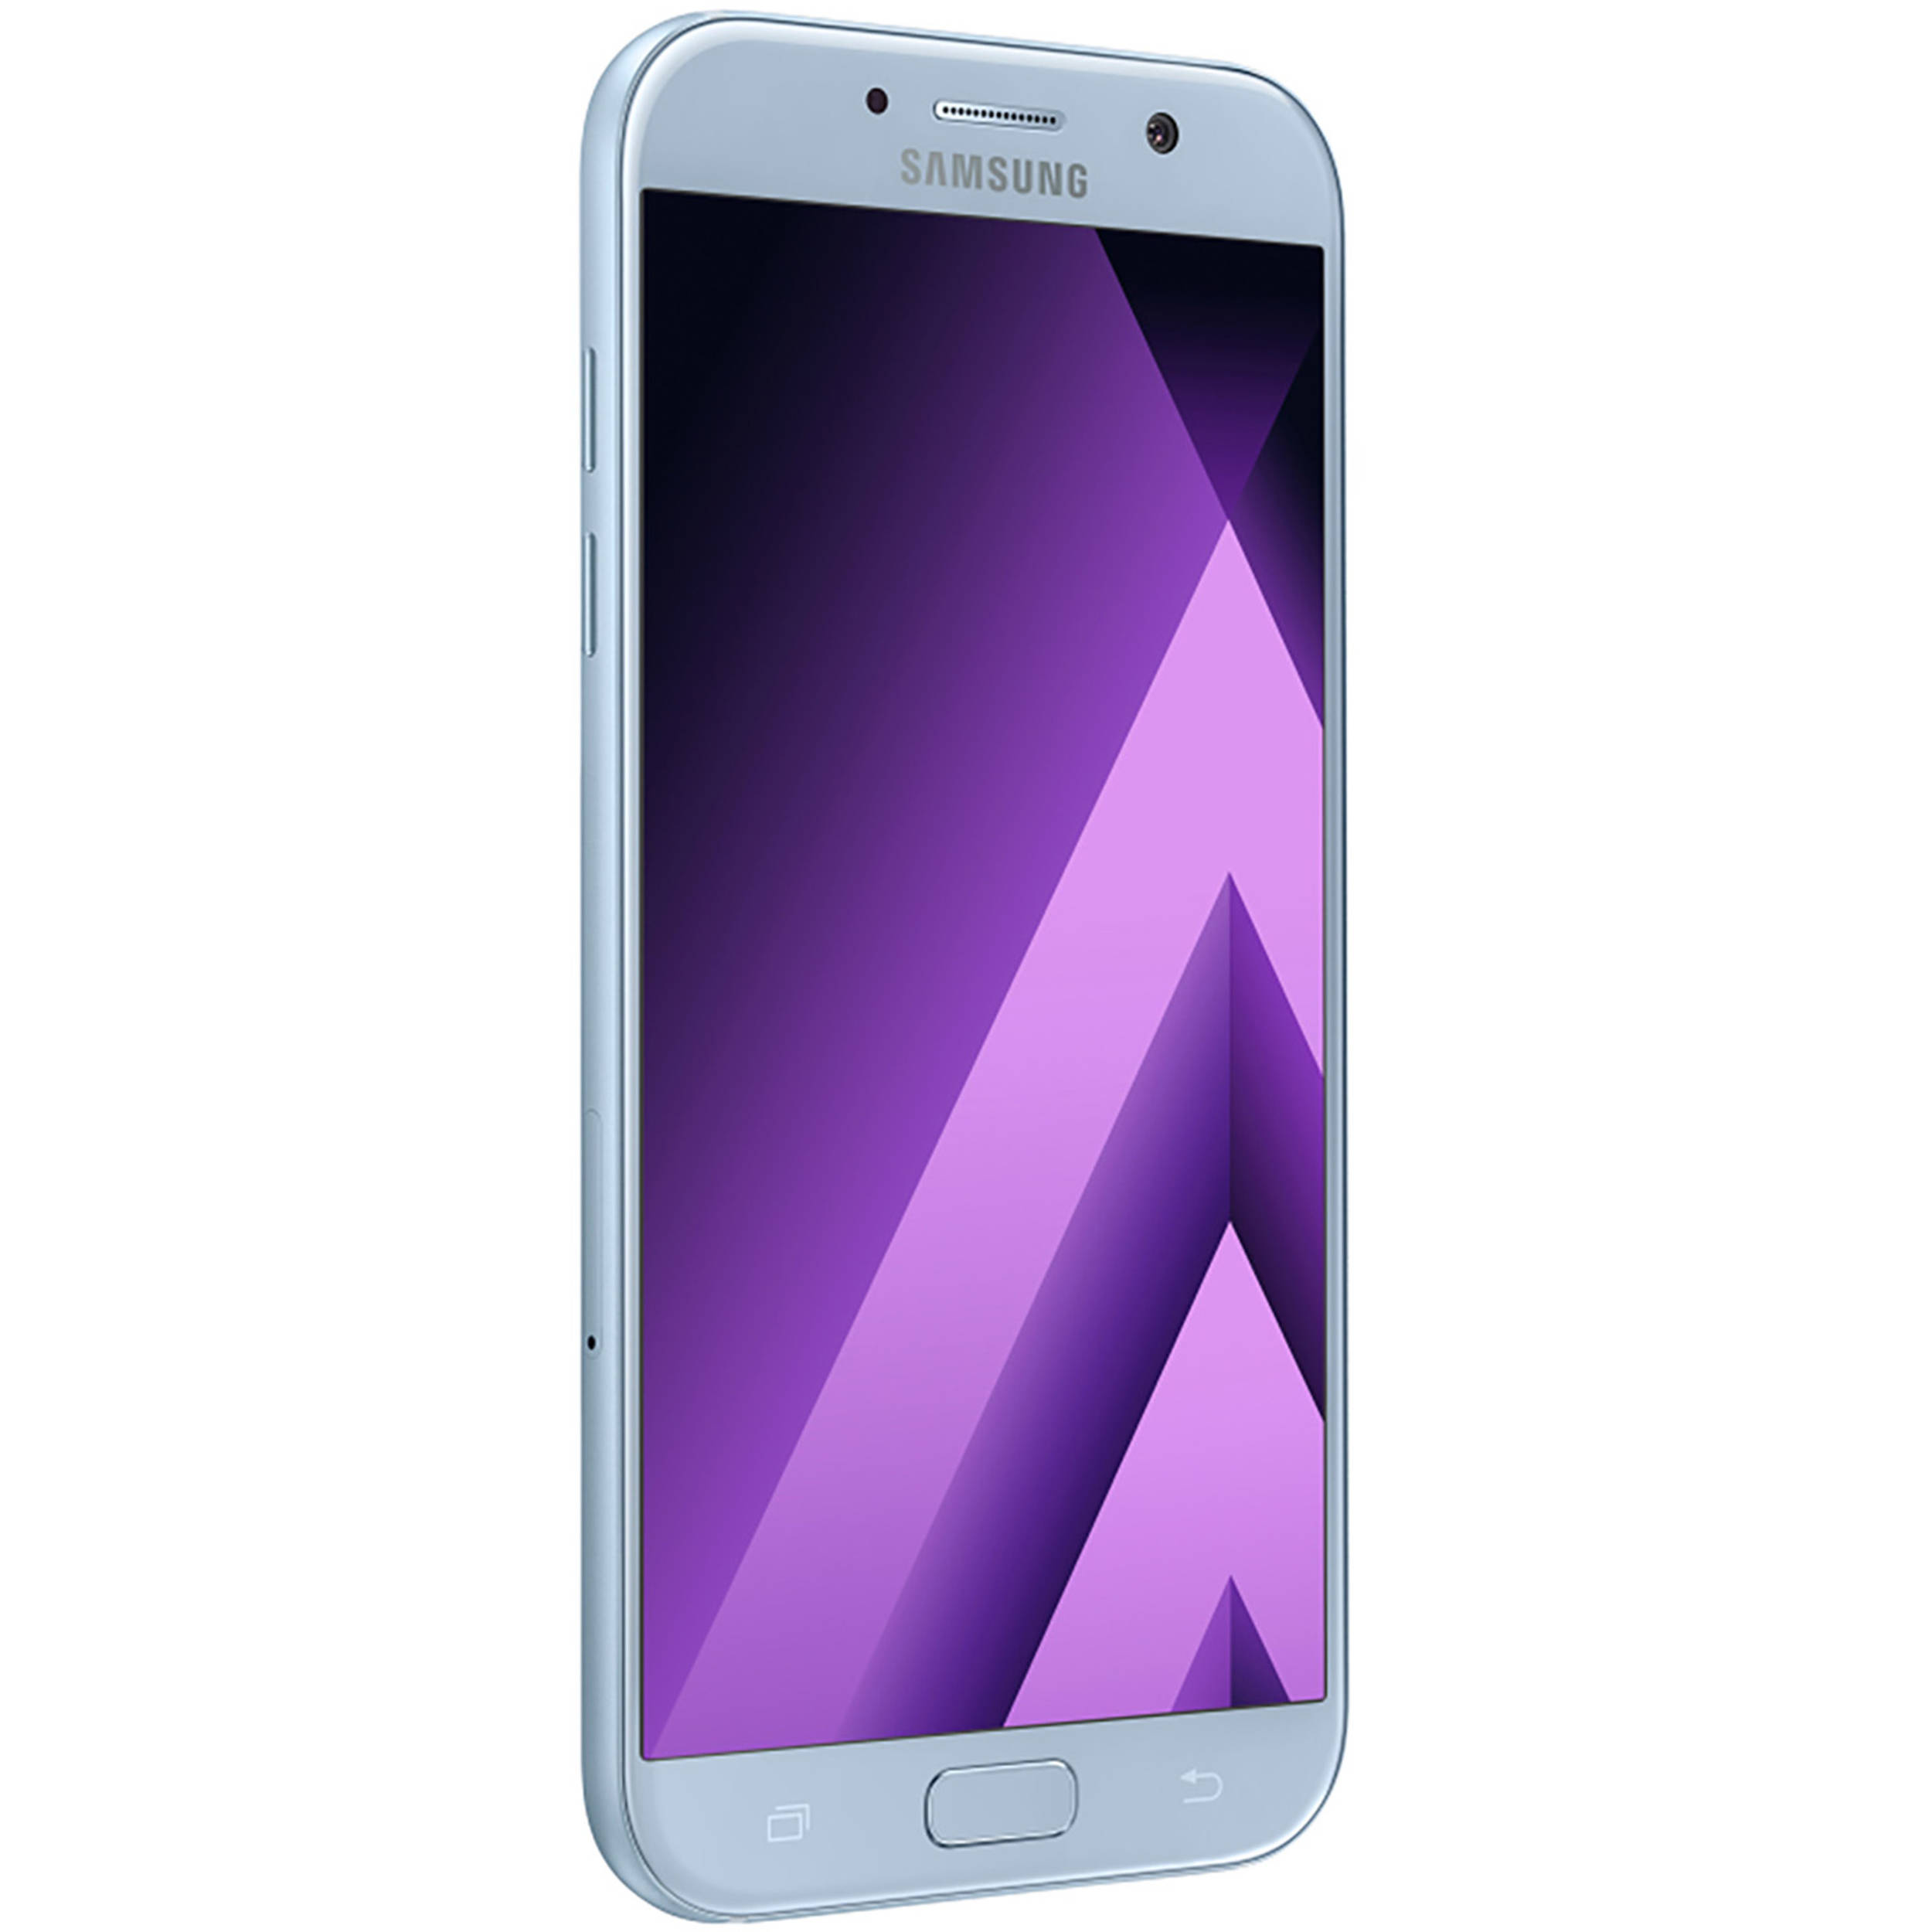 Samsung Galaxy A5 Duos (2017) SM-A520F 32GB Smartphone (Unlocked, Blue)